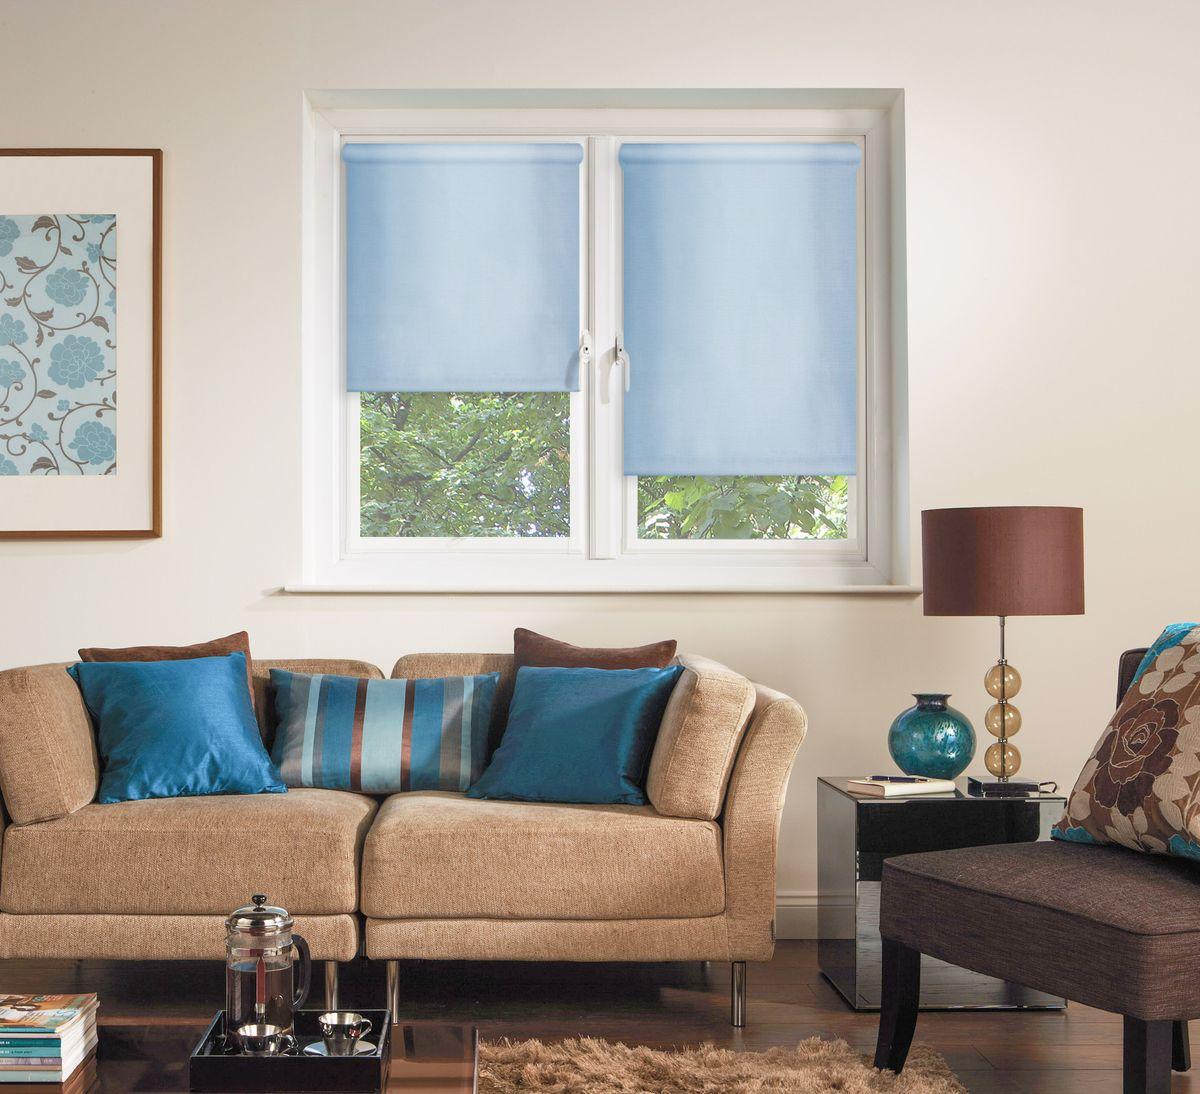 Штора рулонная Эскар Миниролло, цвет: голубой, ширина 115 см, высота 170 см31005115170Рулонная штора Эскар Миниролло выполнена из высокопрочной ткани, которая сохраняет свой размер даже при намокании. Ткань не выцветает и обладает отличной цветоустойчивостью. Миниролло - это подвид рулонных штор, который закрывает не весь оконный проем, а непосредственно само стекло. Такие шторы крепятся на раму без сверления при помощи зажимов или клейкой двухсторонней ленты (в комплекте). Окно остается на гарантии, благодаря монтажу без сверления. Такая штора станет прекрасным элементом декора окна и гармонично впишется в интерьер любого помещения.